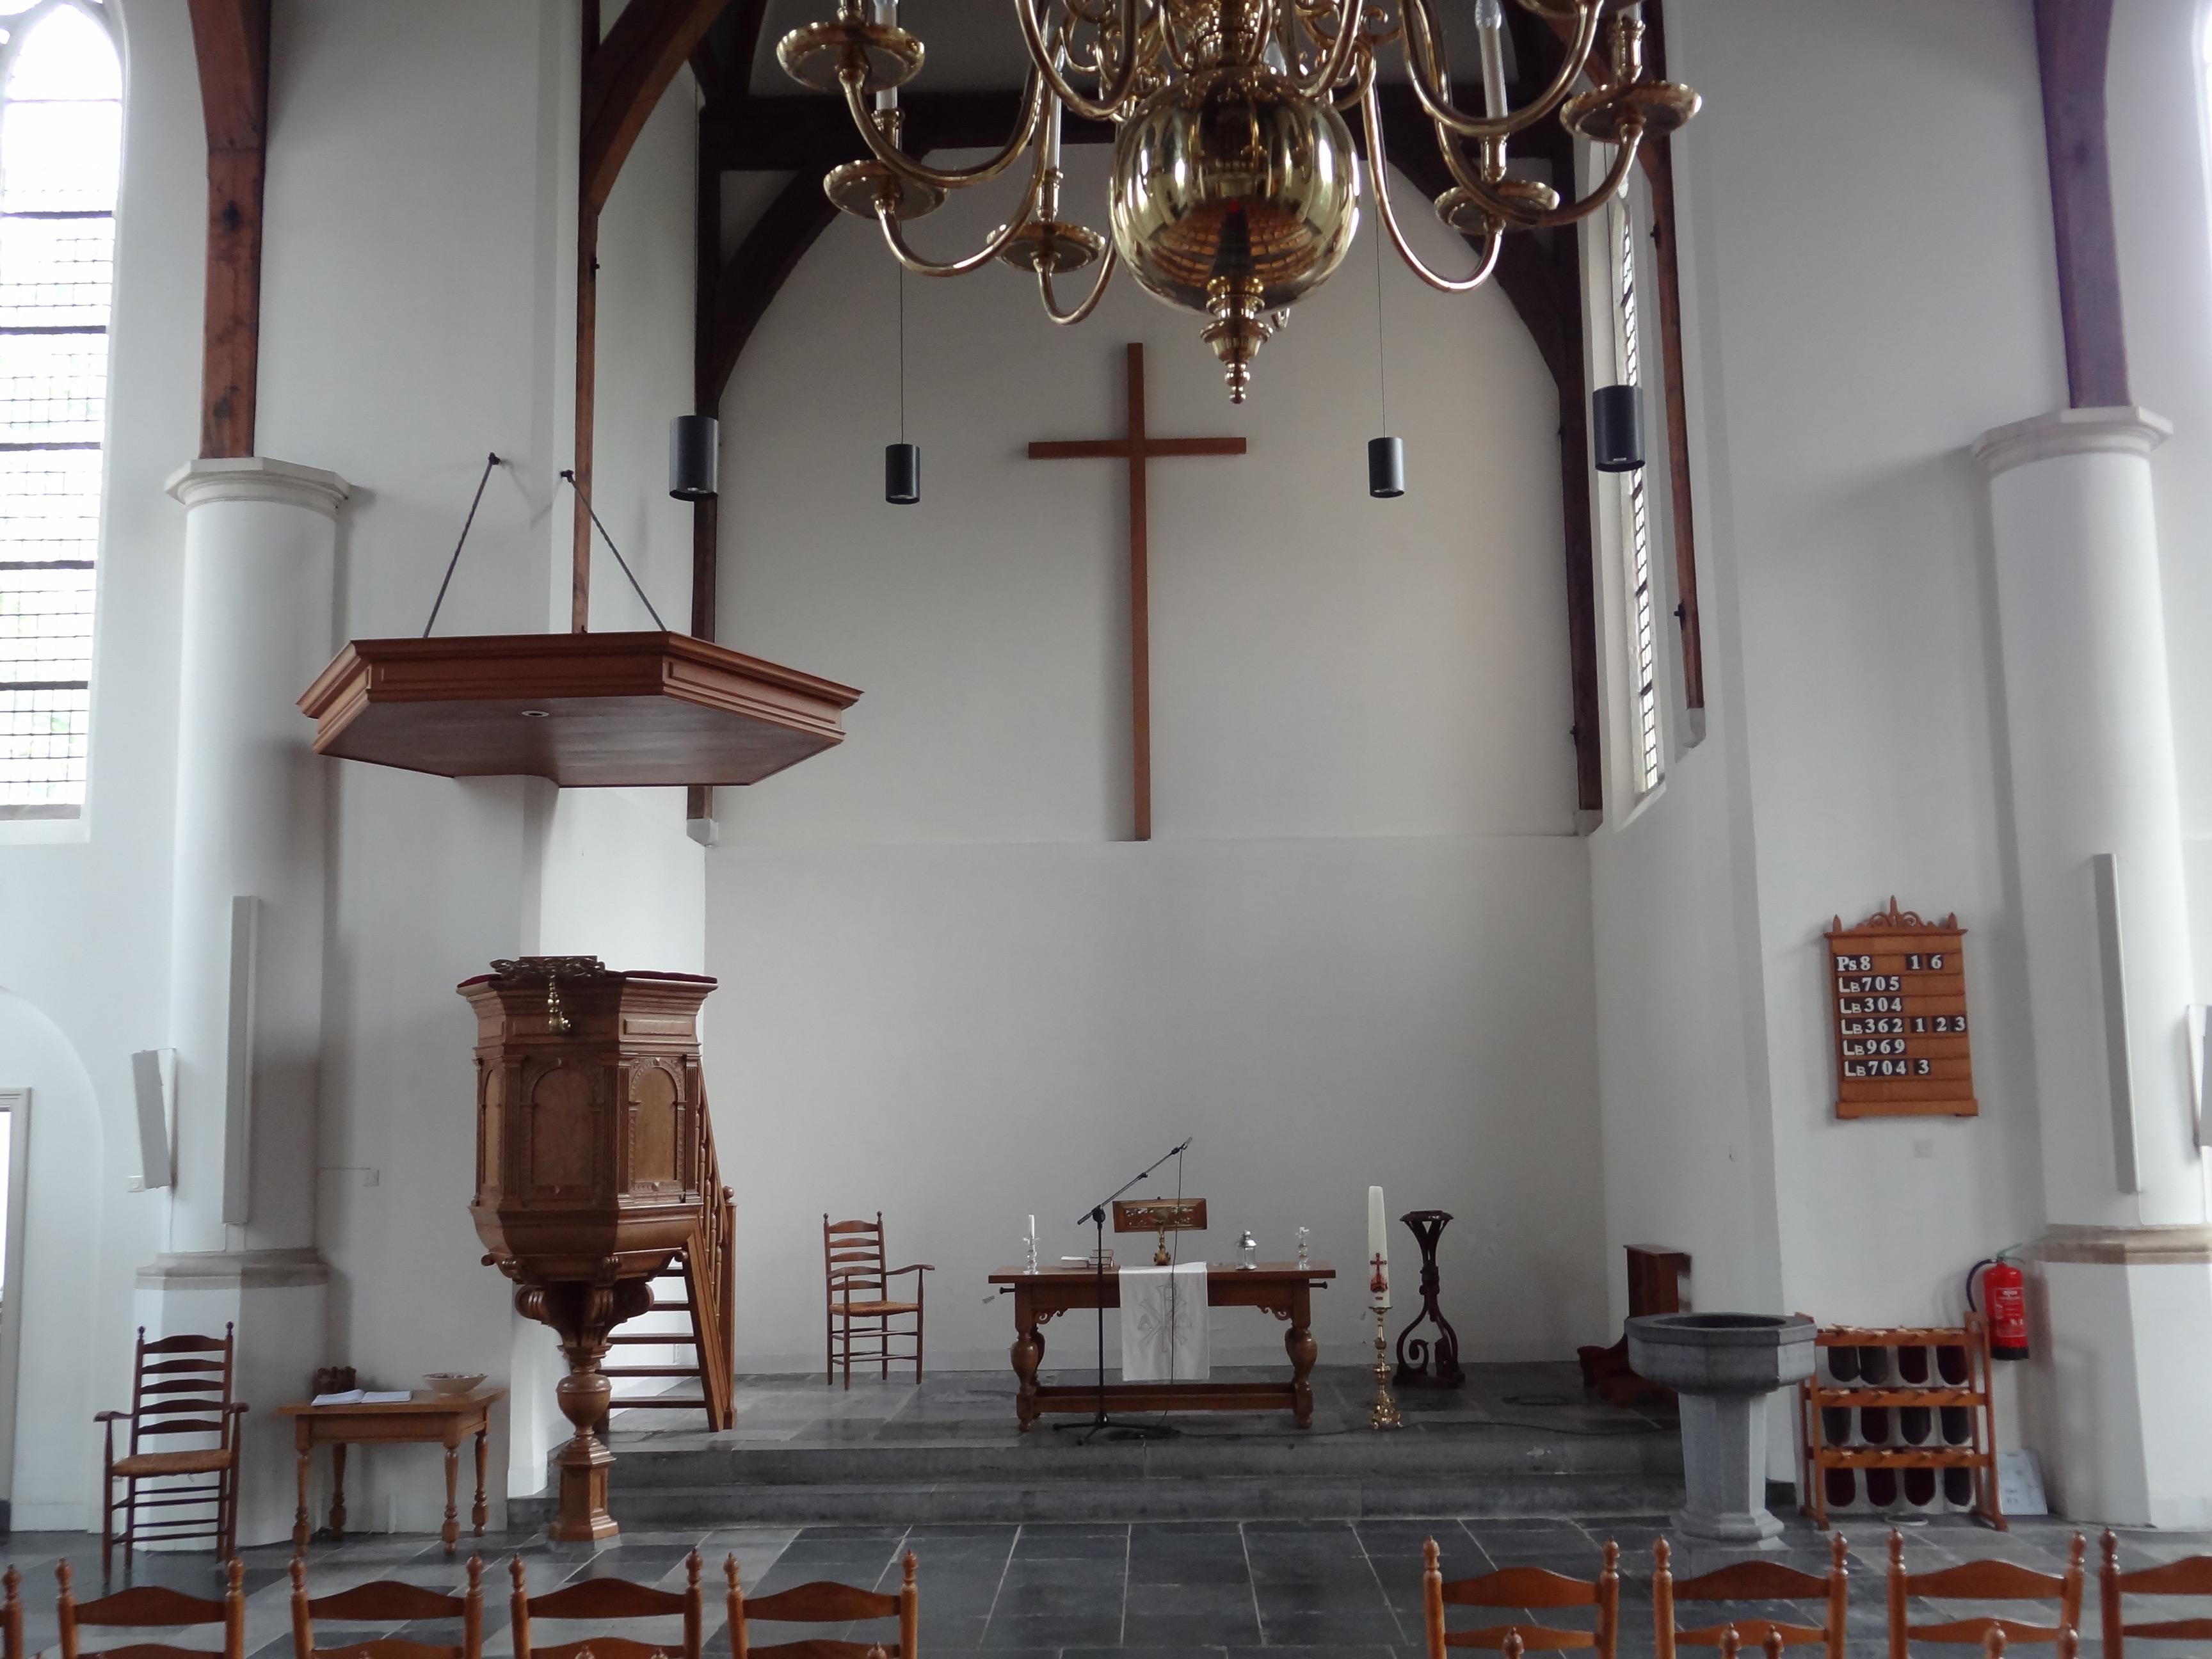 Liturgisch centrum